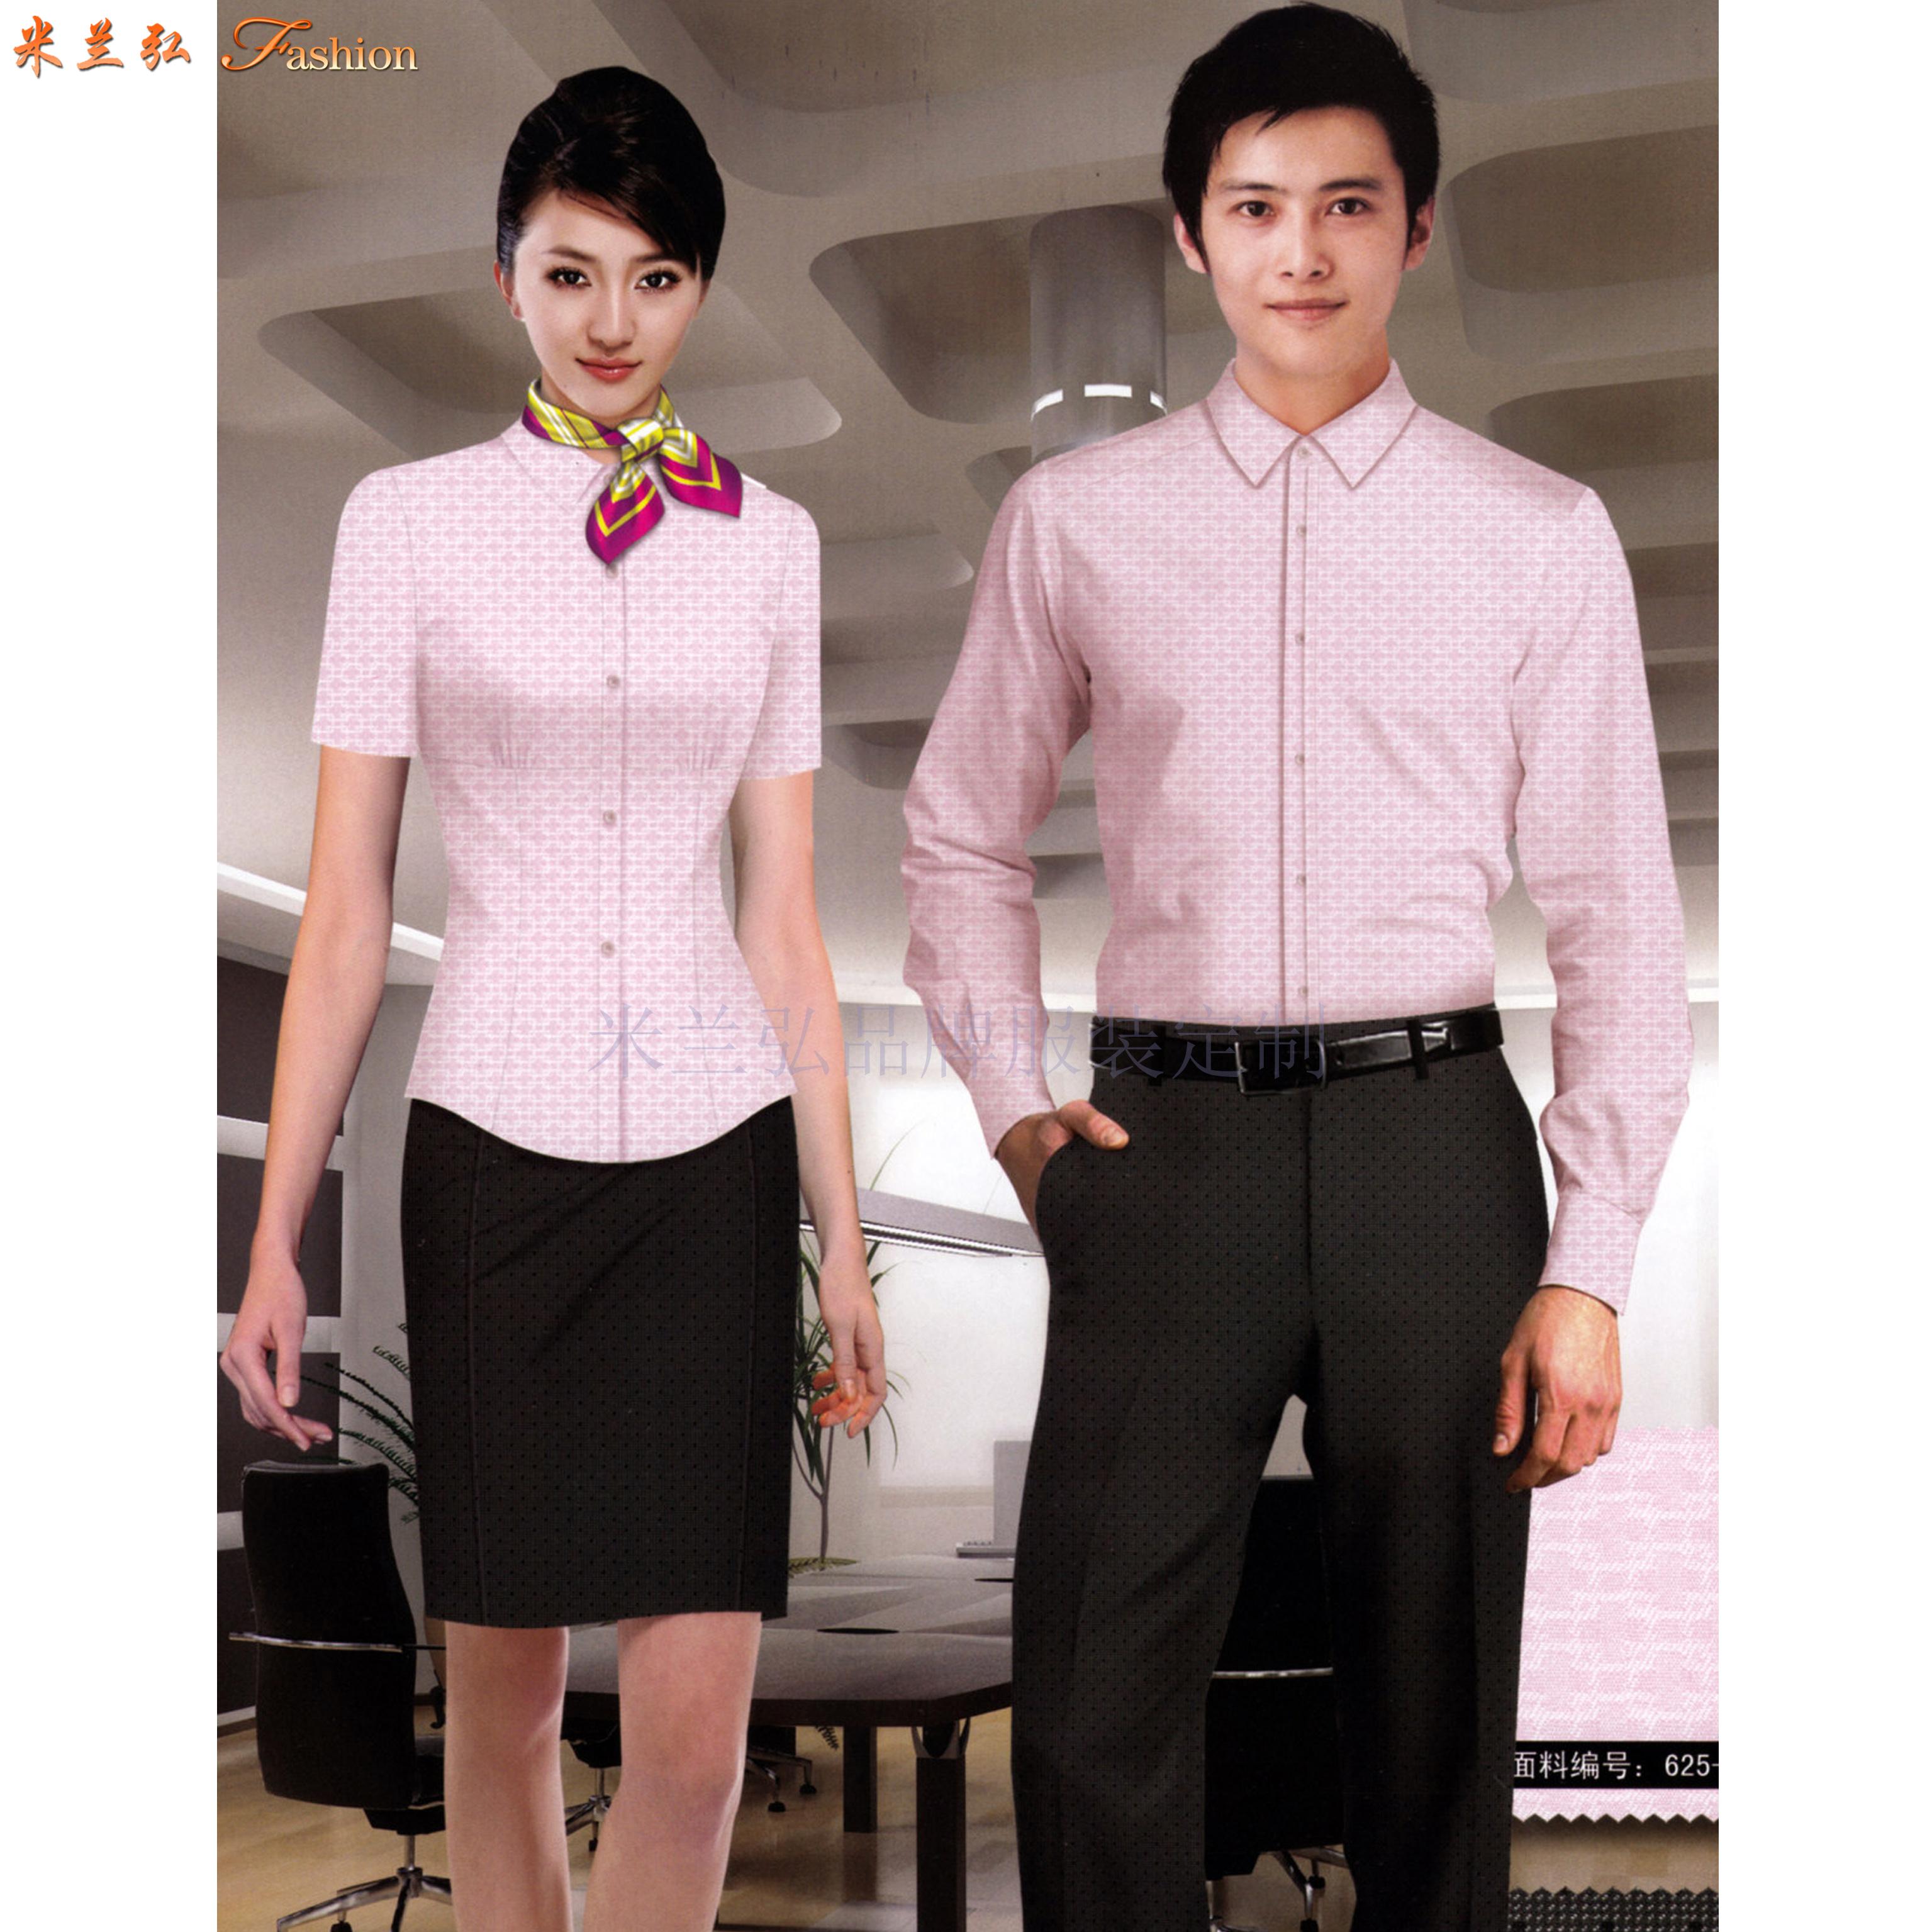 「男式襯衫訂制」「女士襯衫定做」工作服襯衫定制工廠-米蘭弘-1